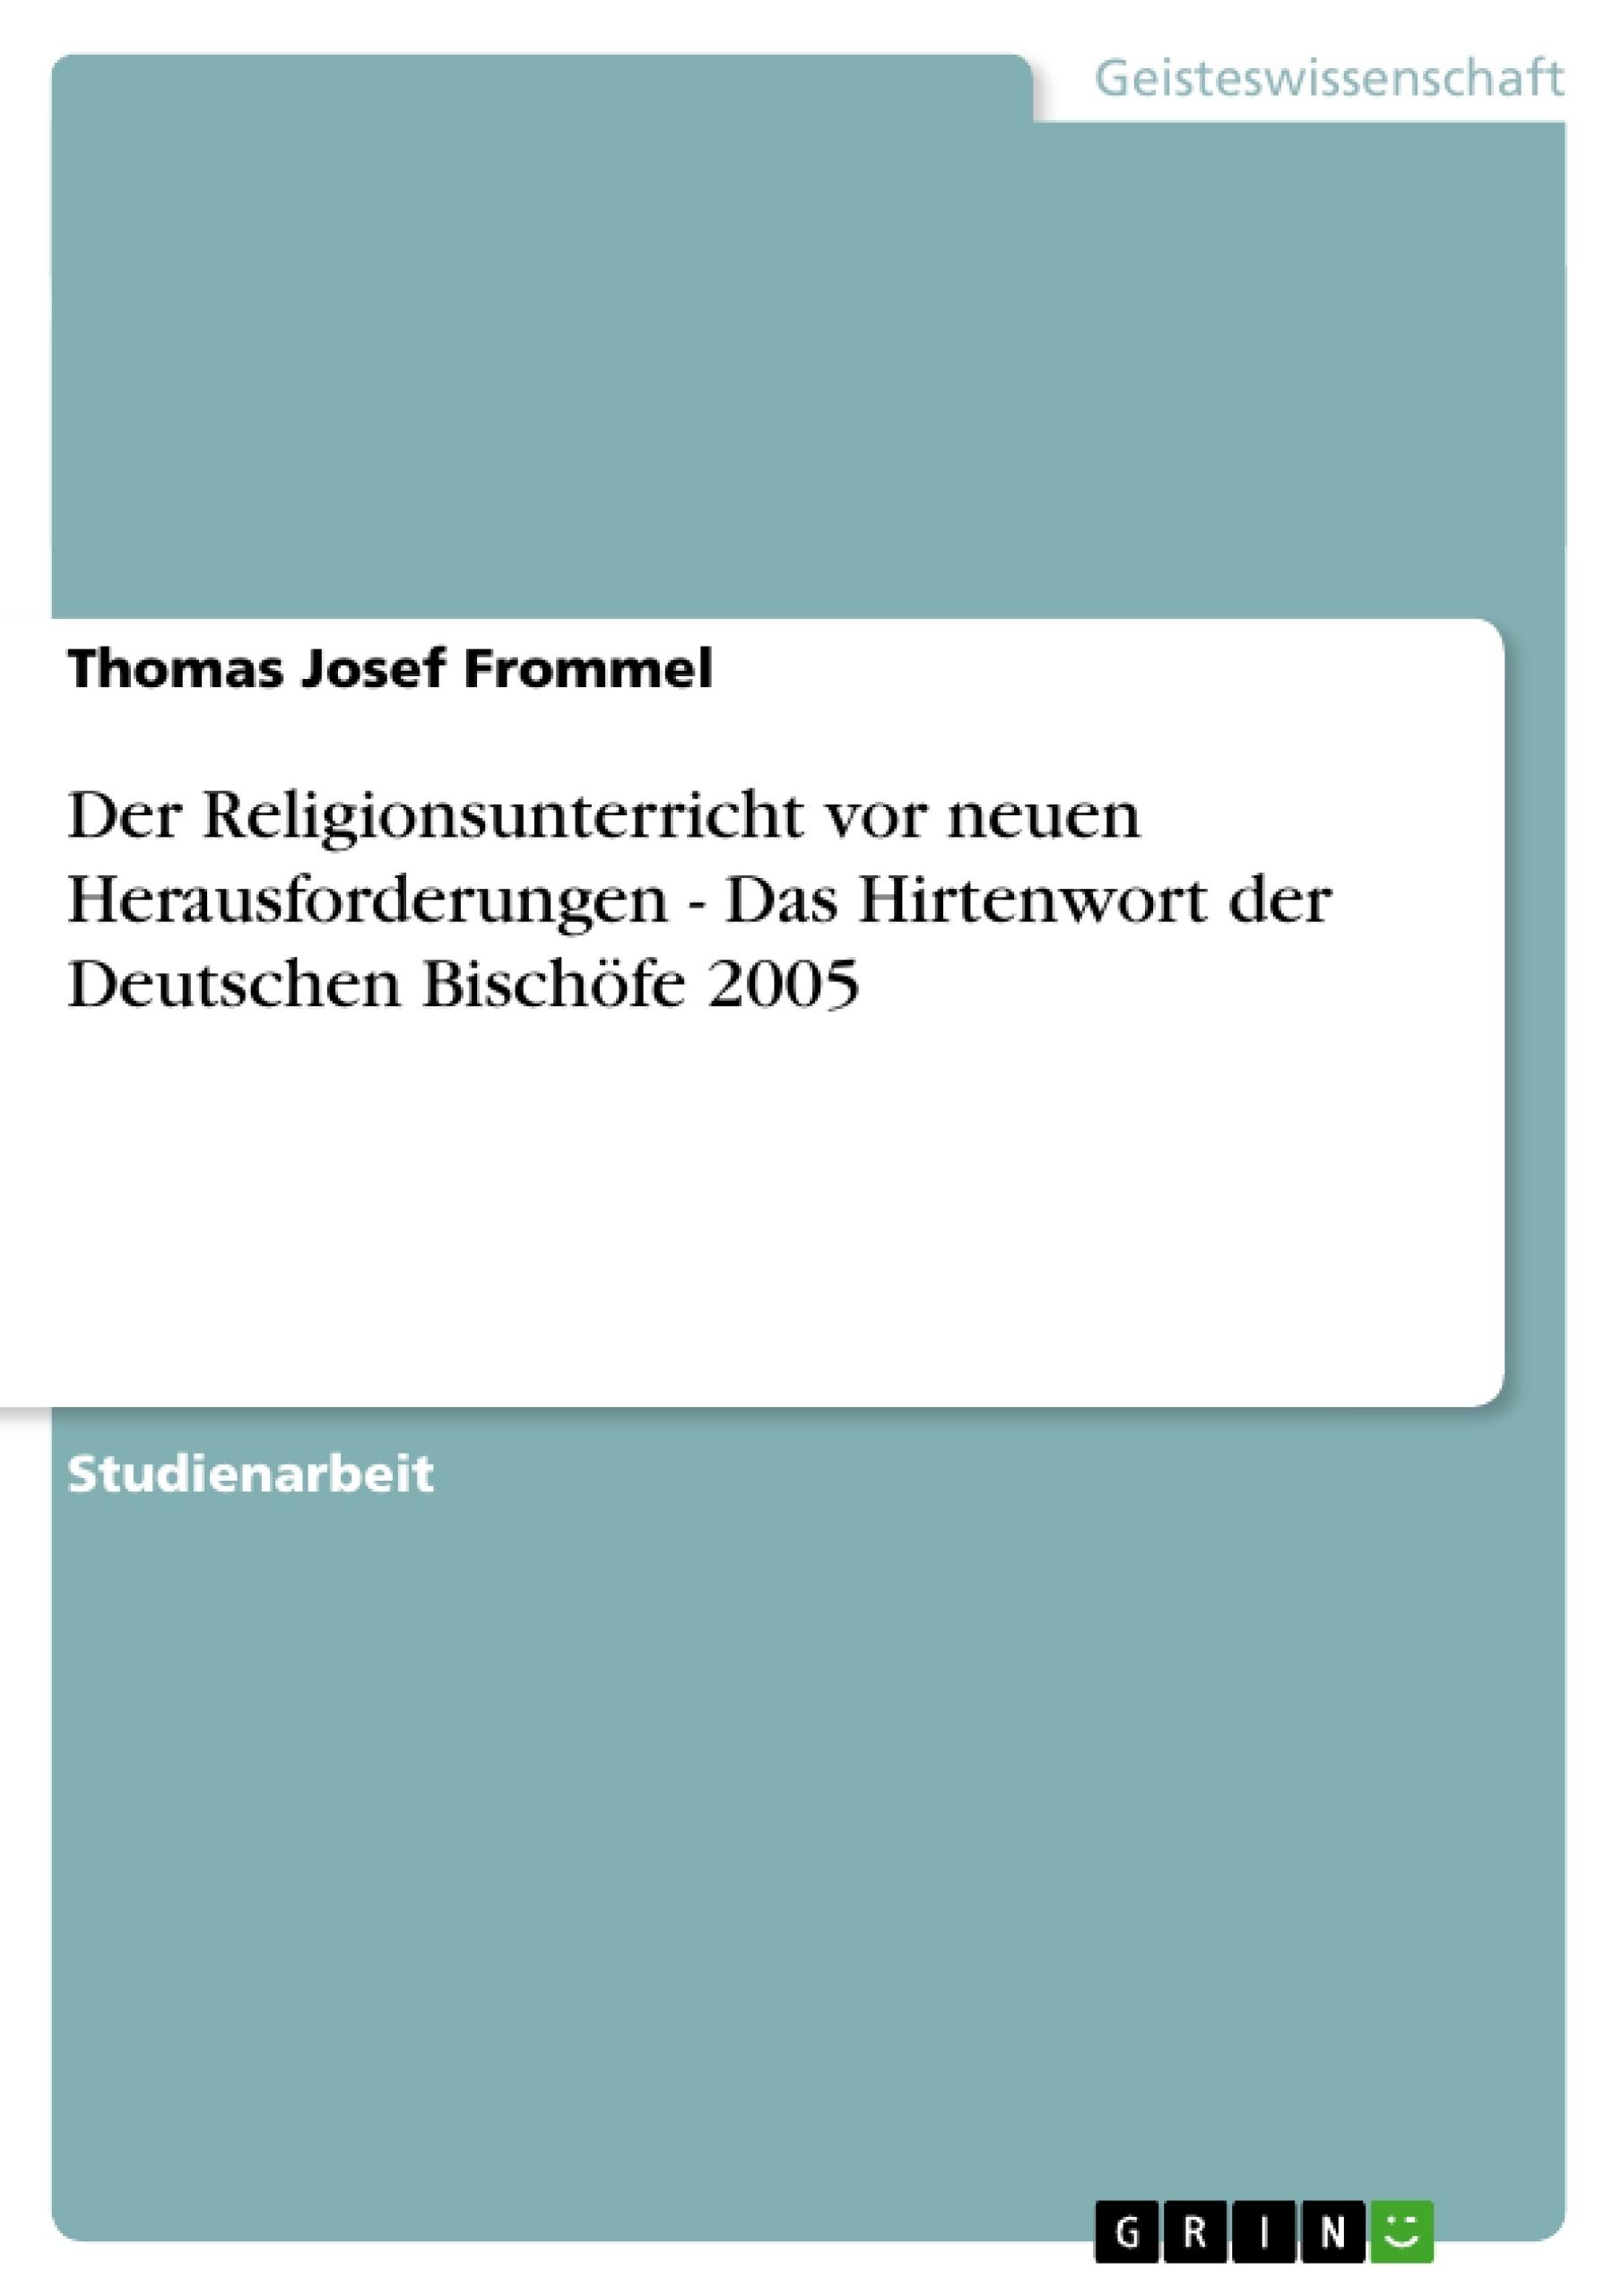 Titel: Der Religionsunterricht vor neuen Herausforderungen - Das Hirtenwort der Deutschen Bischöfe 2005